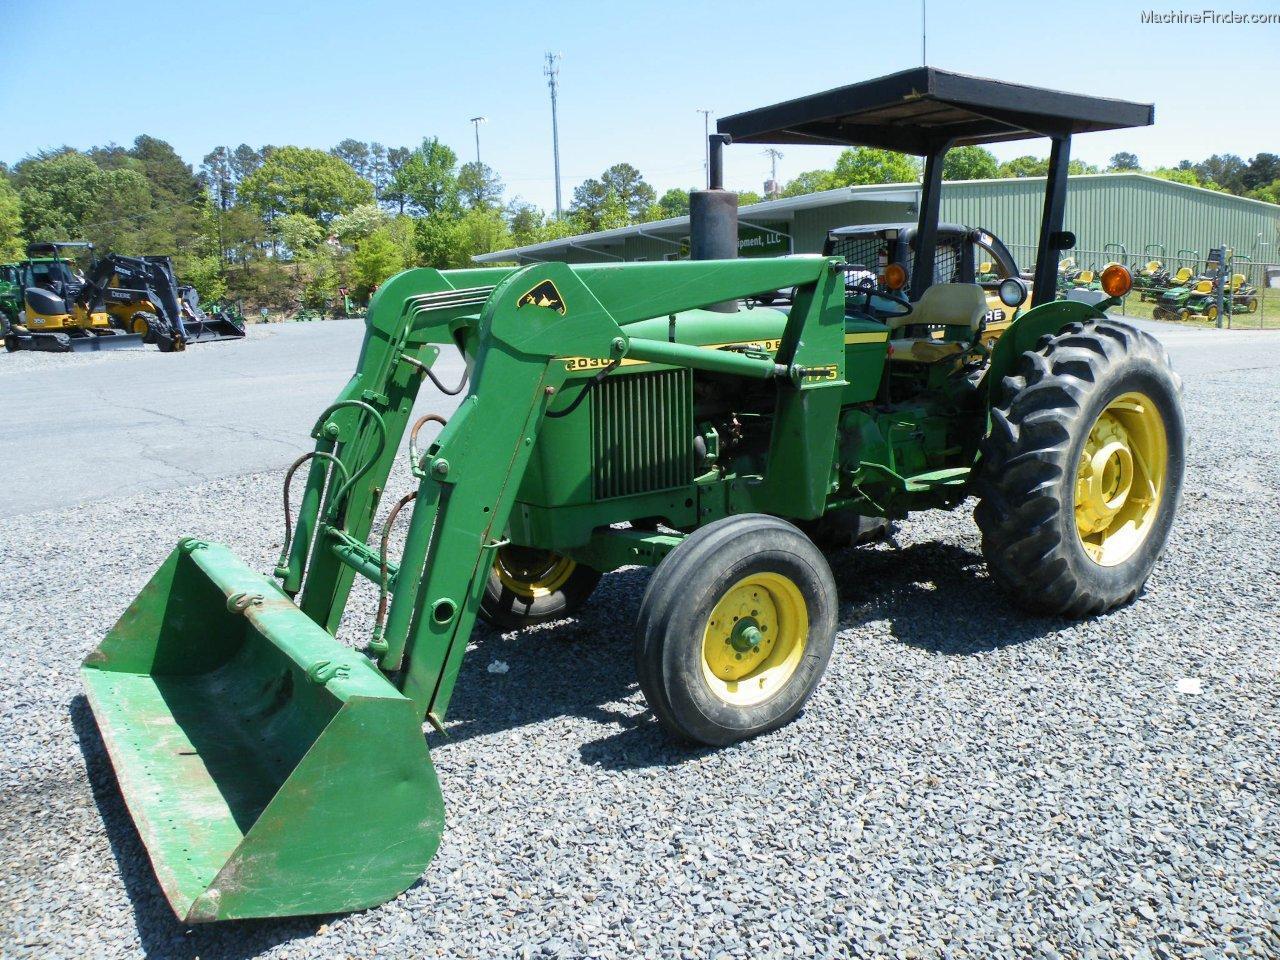 John Deere 2030 Tractors - Compact (1-40hp.) - John Deere ...